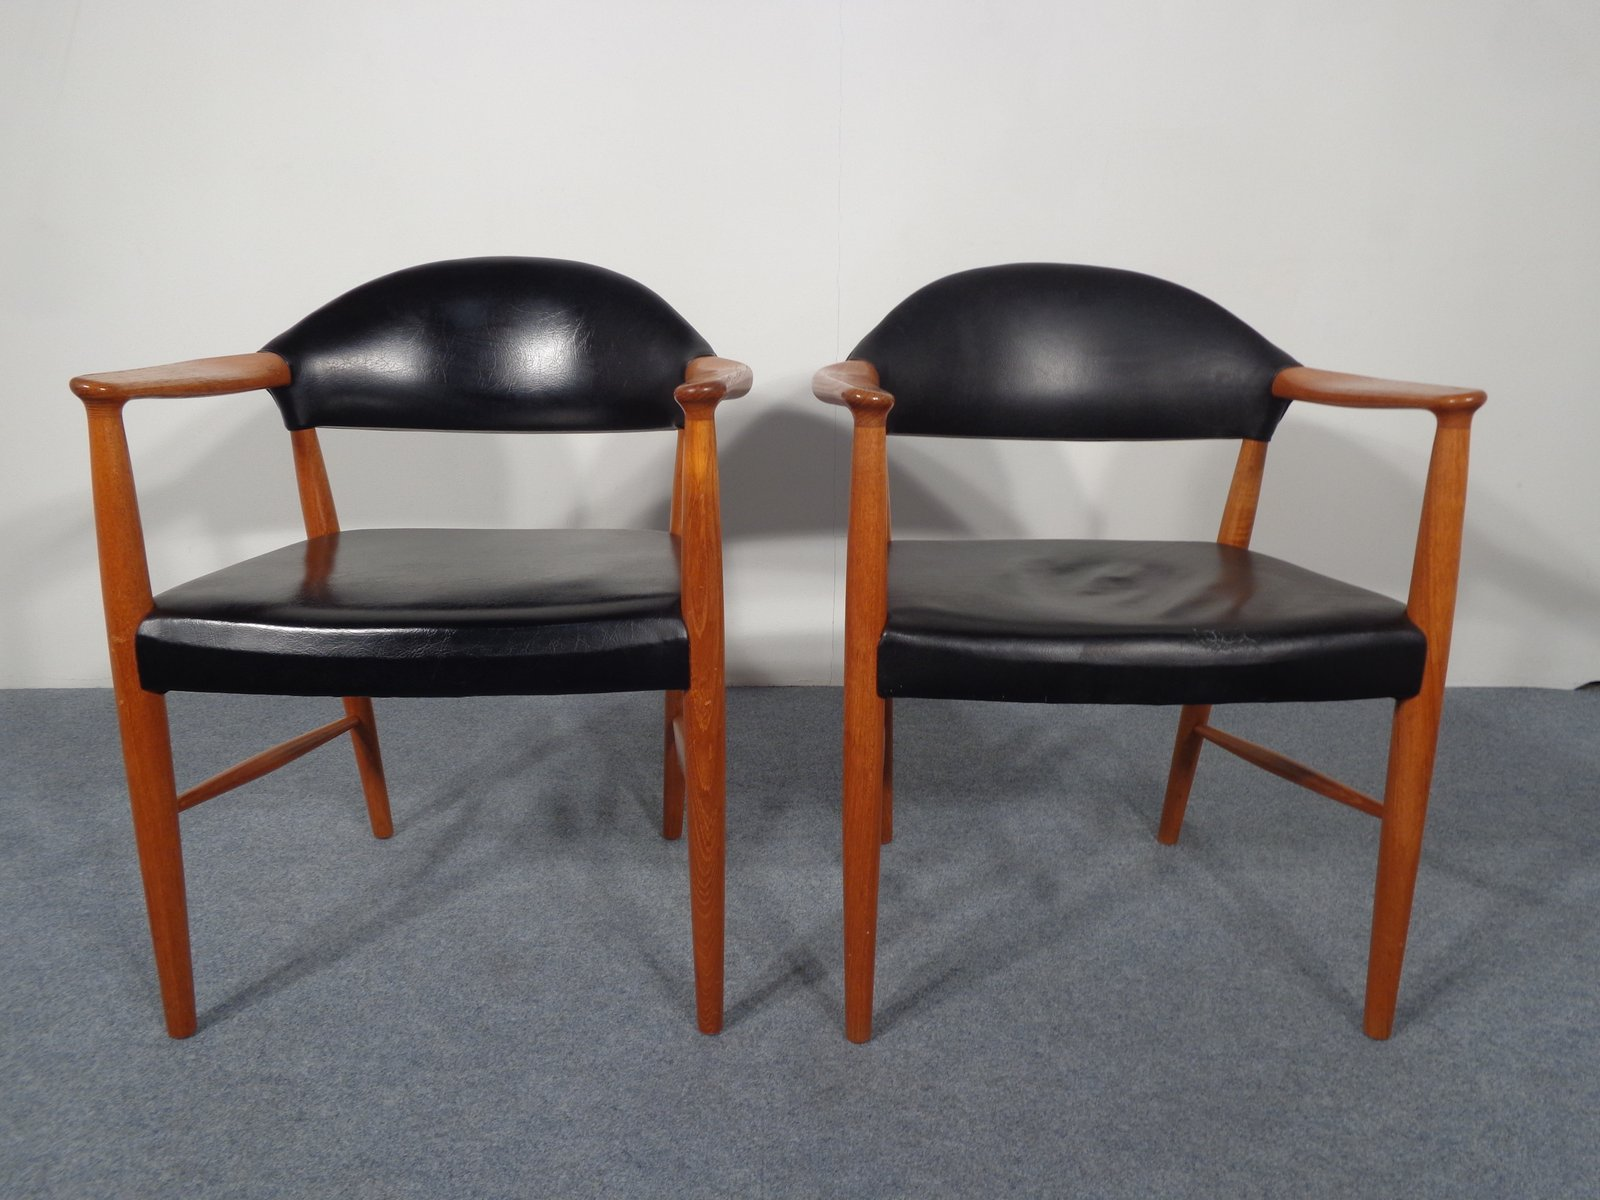 d nische vintage leder teak armlehnst hle 2er set bei pamono kaufen. Black Bedroom Furniture Sets. Home Design Ideas